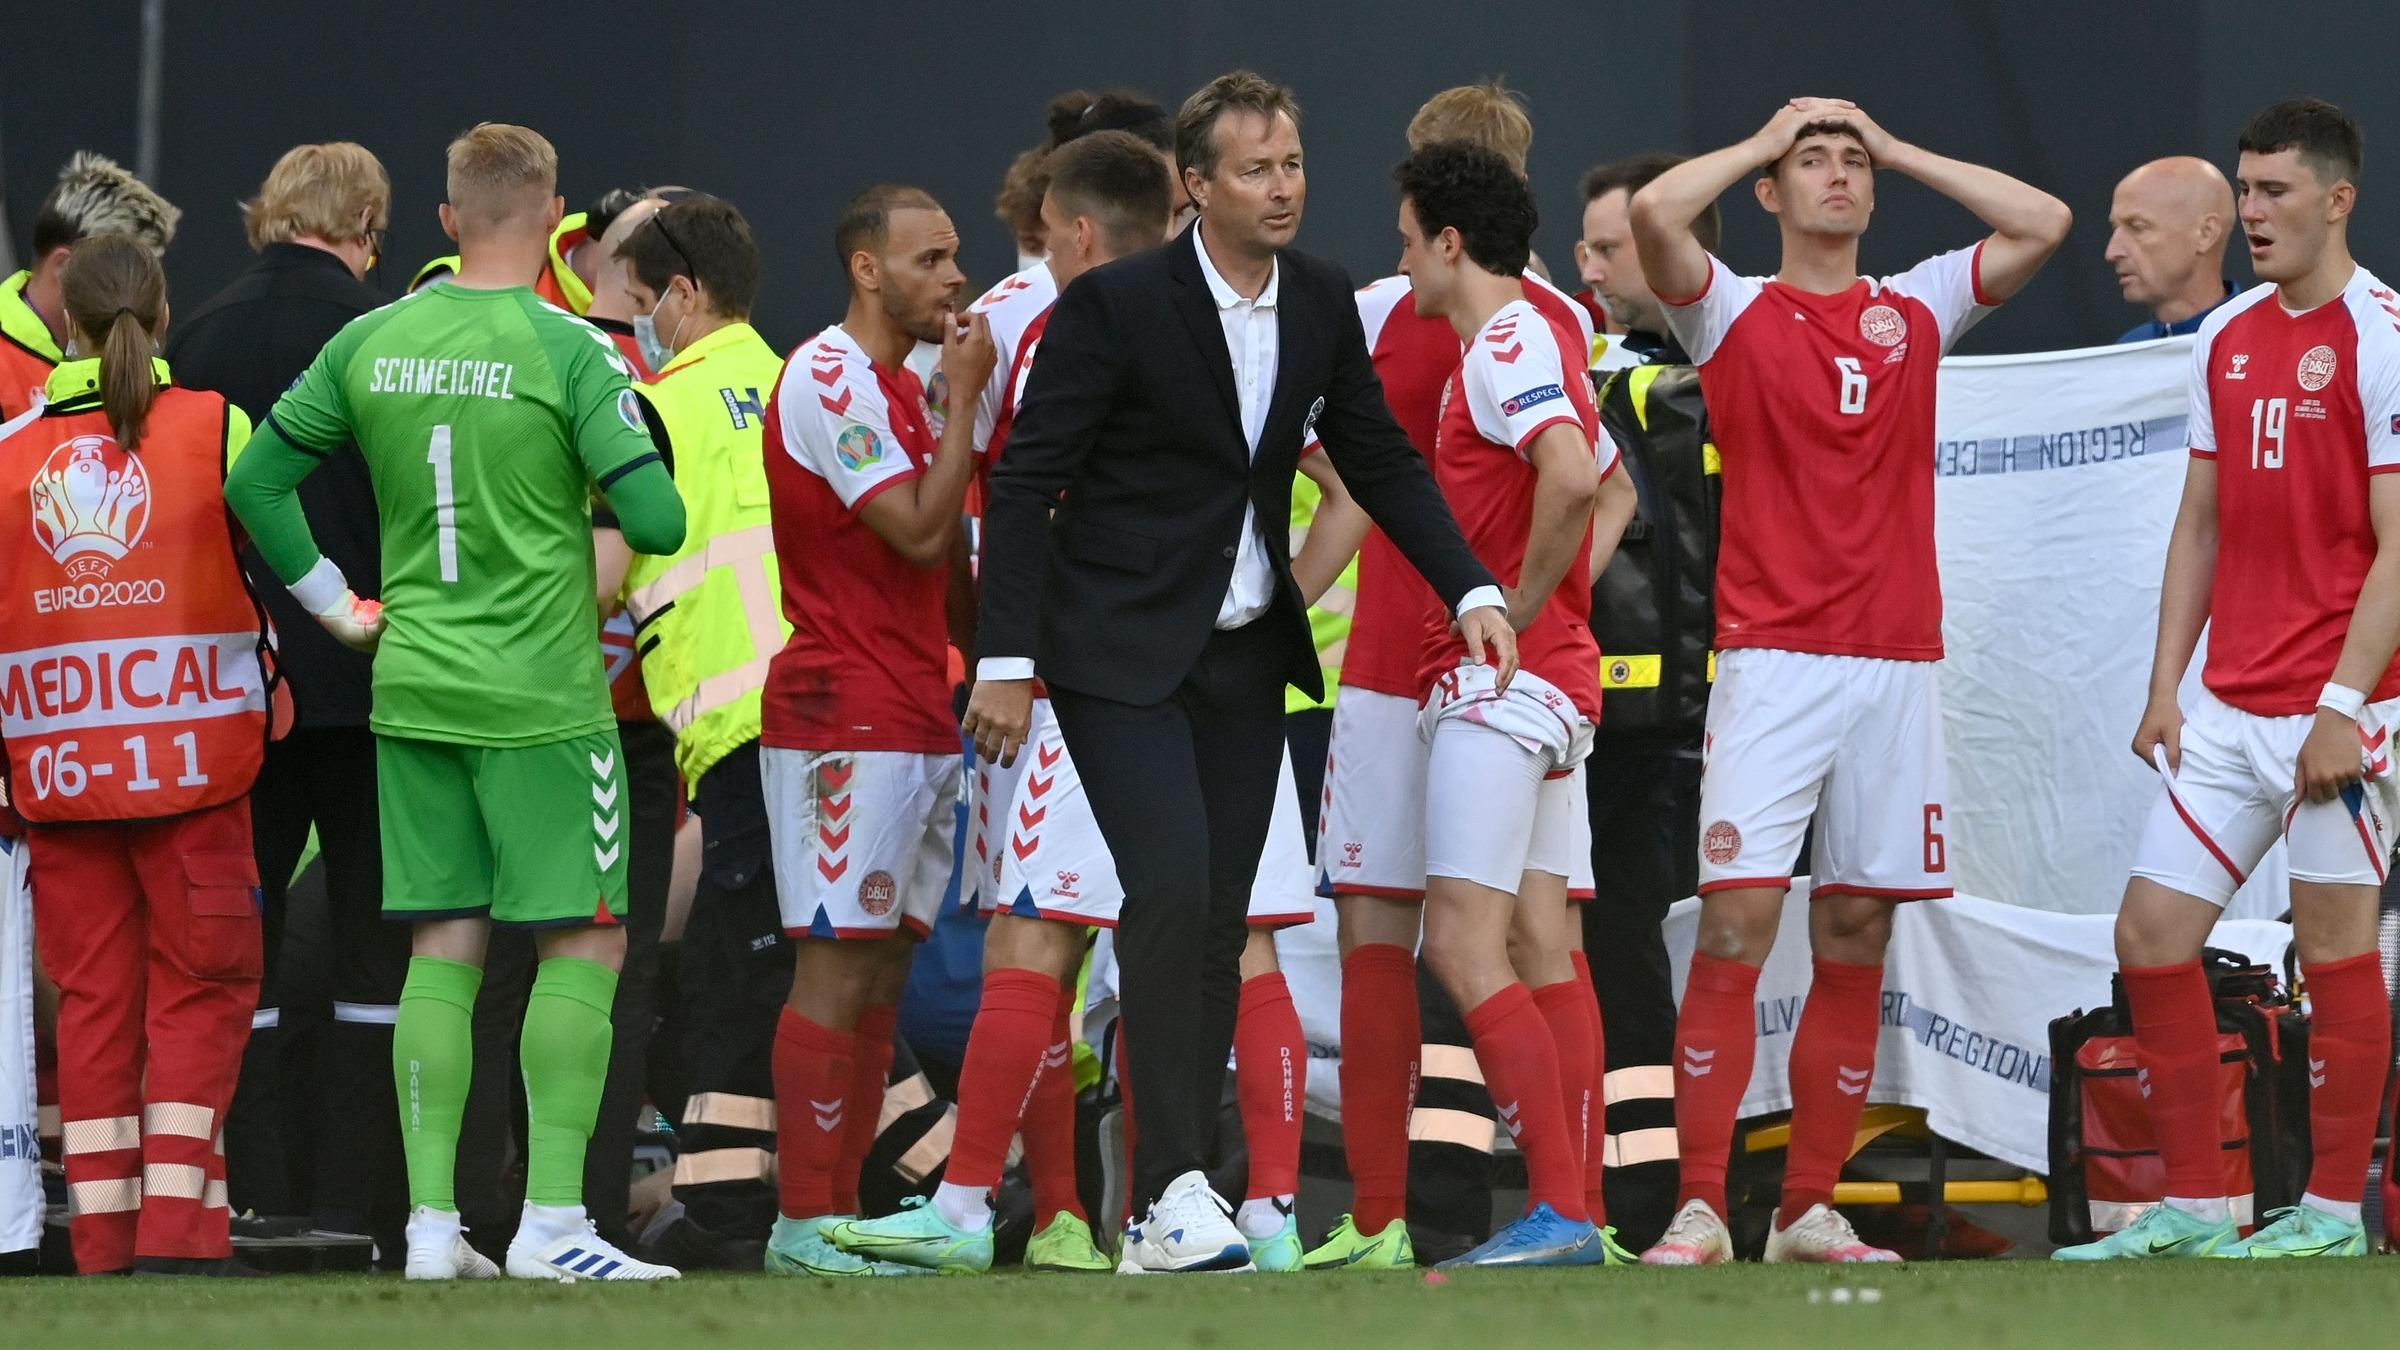 Hjulmand đau buồn nhưng vẫn tỏ ra bình tỉnh trong khi các học trò bàng hoàng vì sự cố Eriksen đột quỵ trên sân Parken trong trận Đan Mạch - Phần Lan hôm 12/6. Ảnh: AP